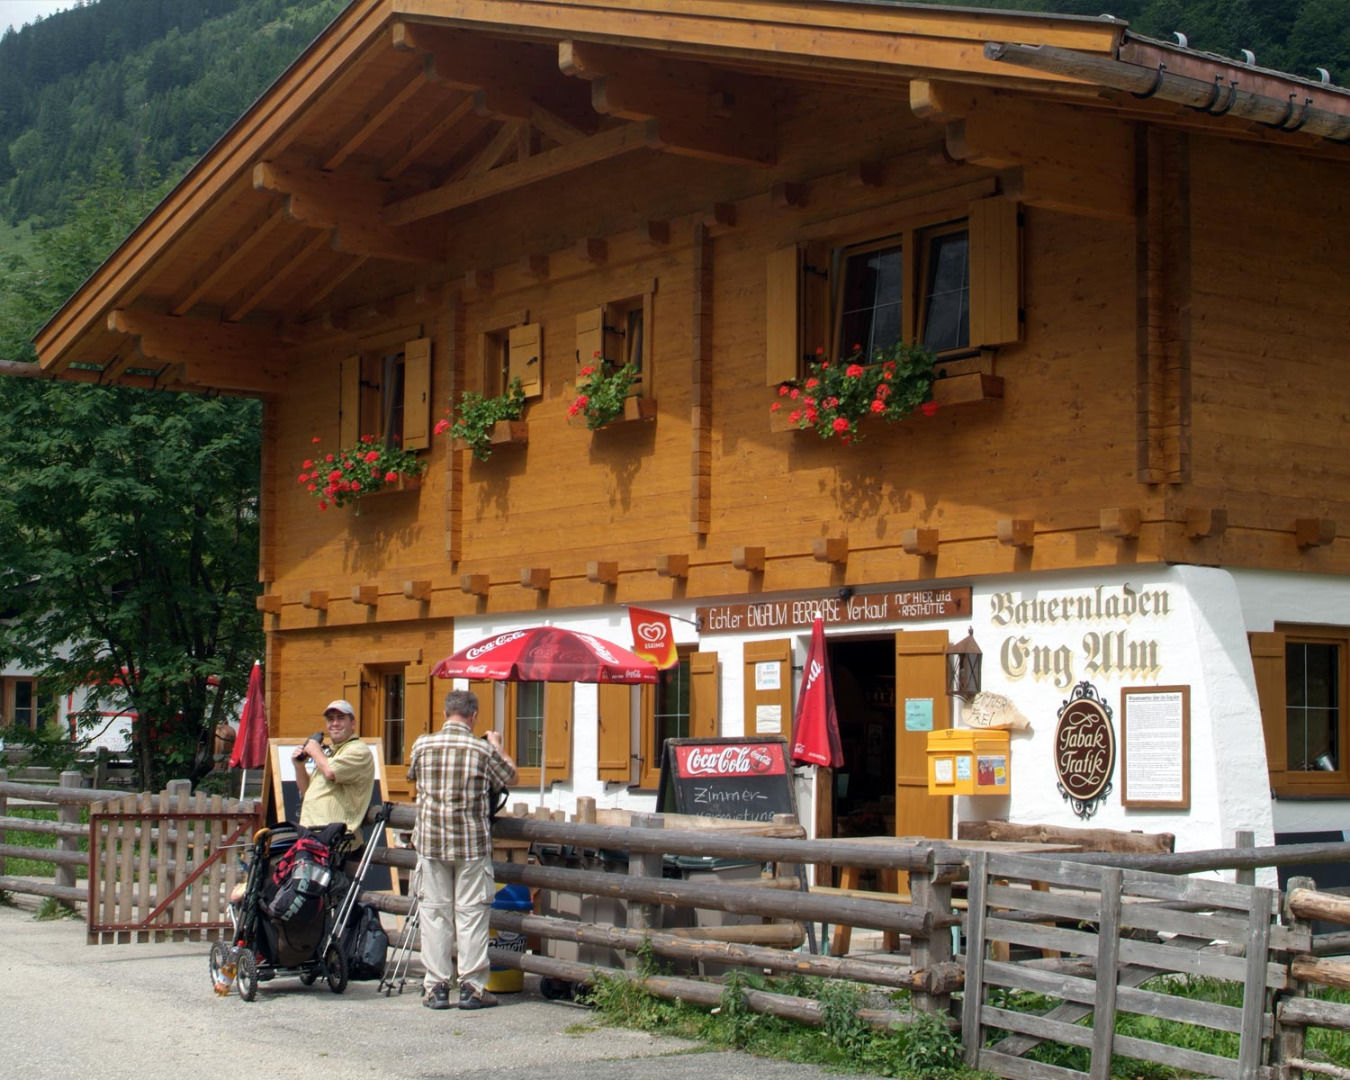 Bauernladen Eng Alm